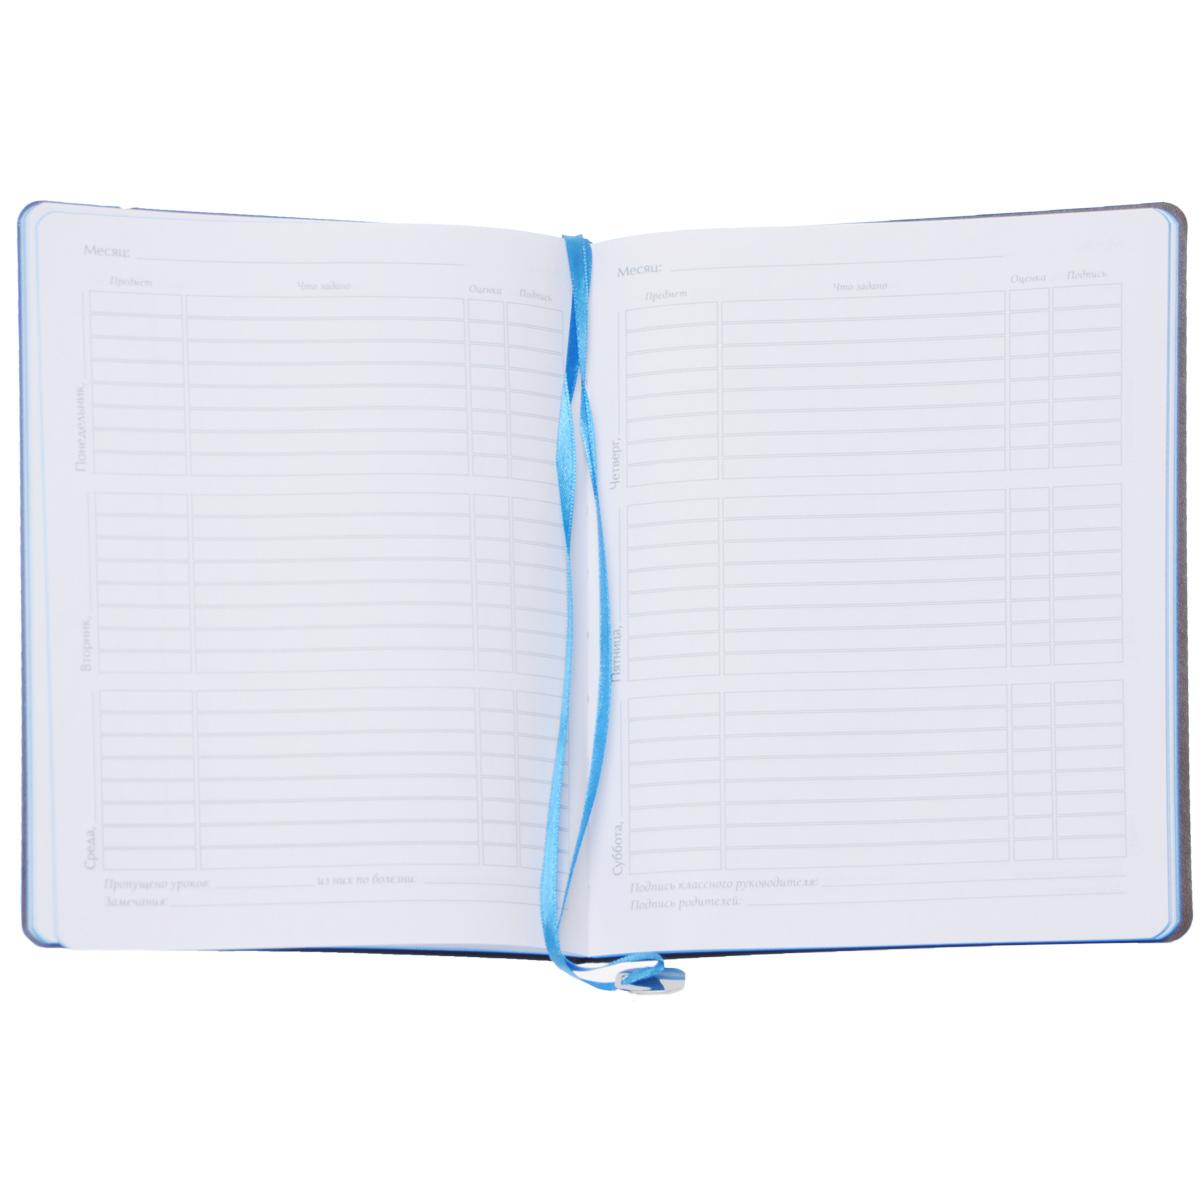 Дневник школьный Альт `Mercury`, 96 листов, формат А5, цвет: серый